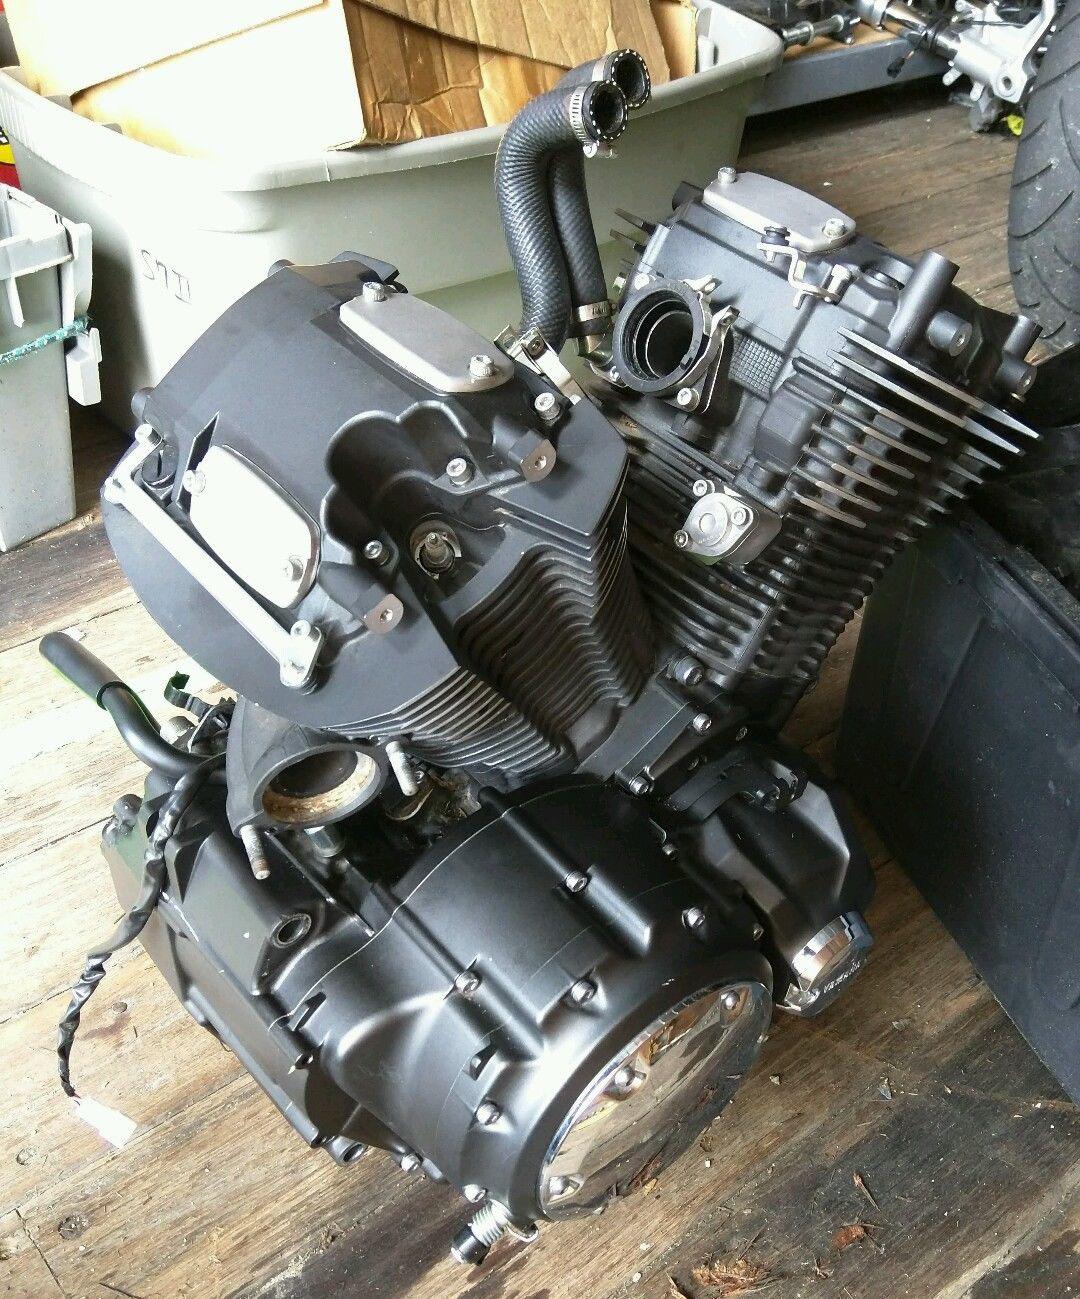 2012 Yamaha Stryker V Star Xvs 1300 Engine Motor